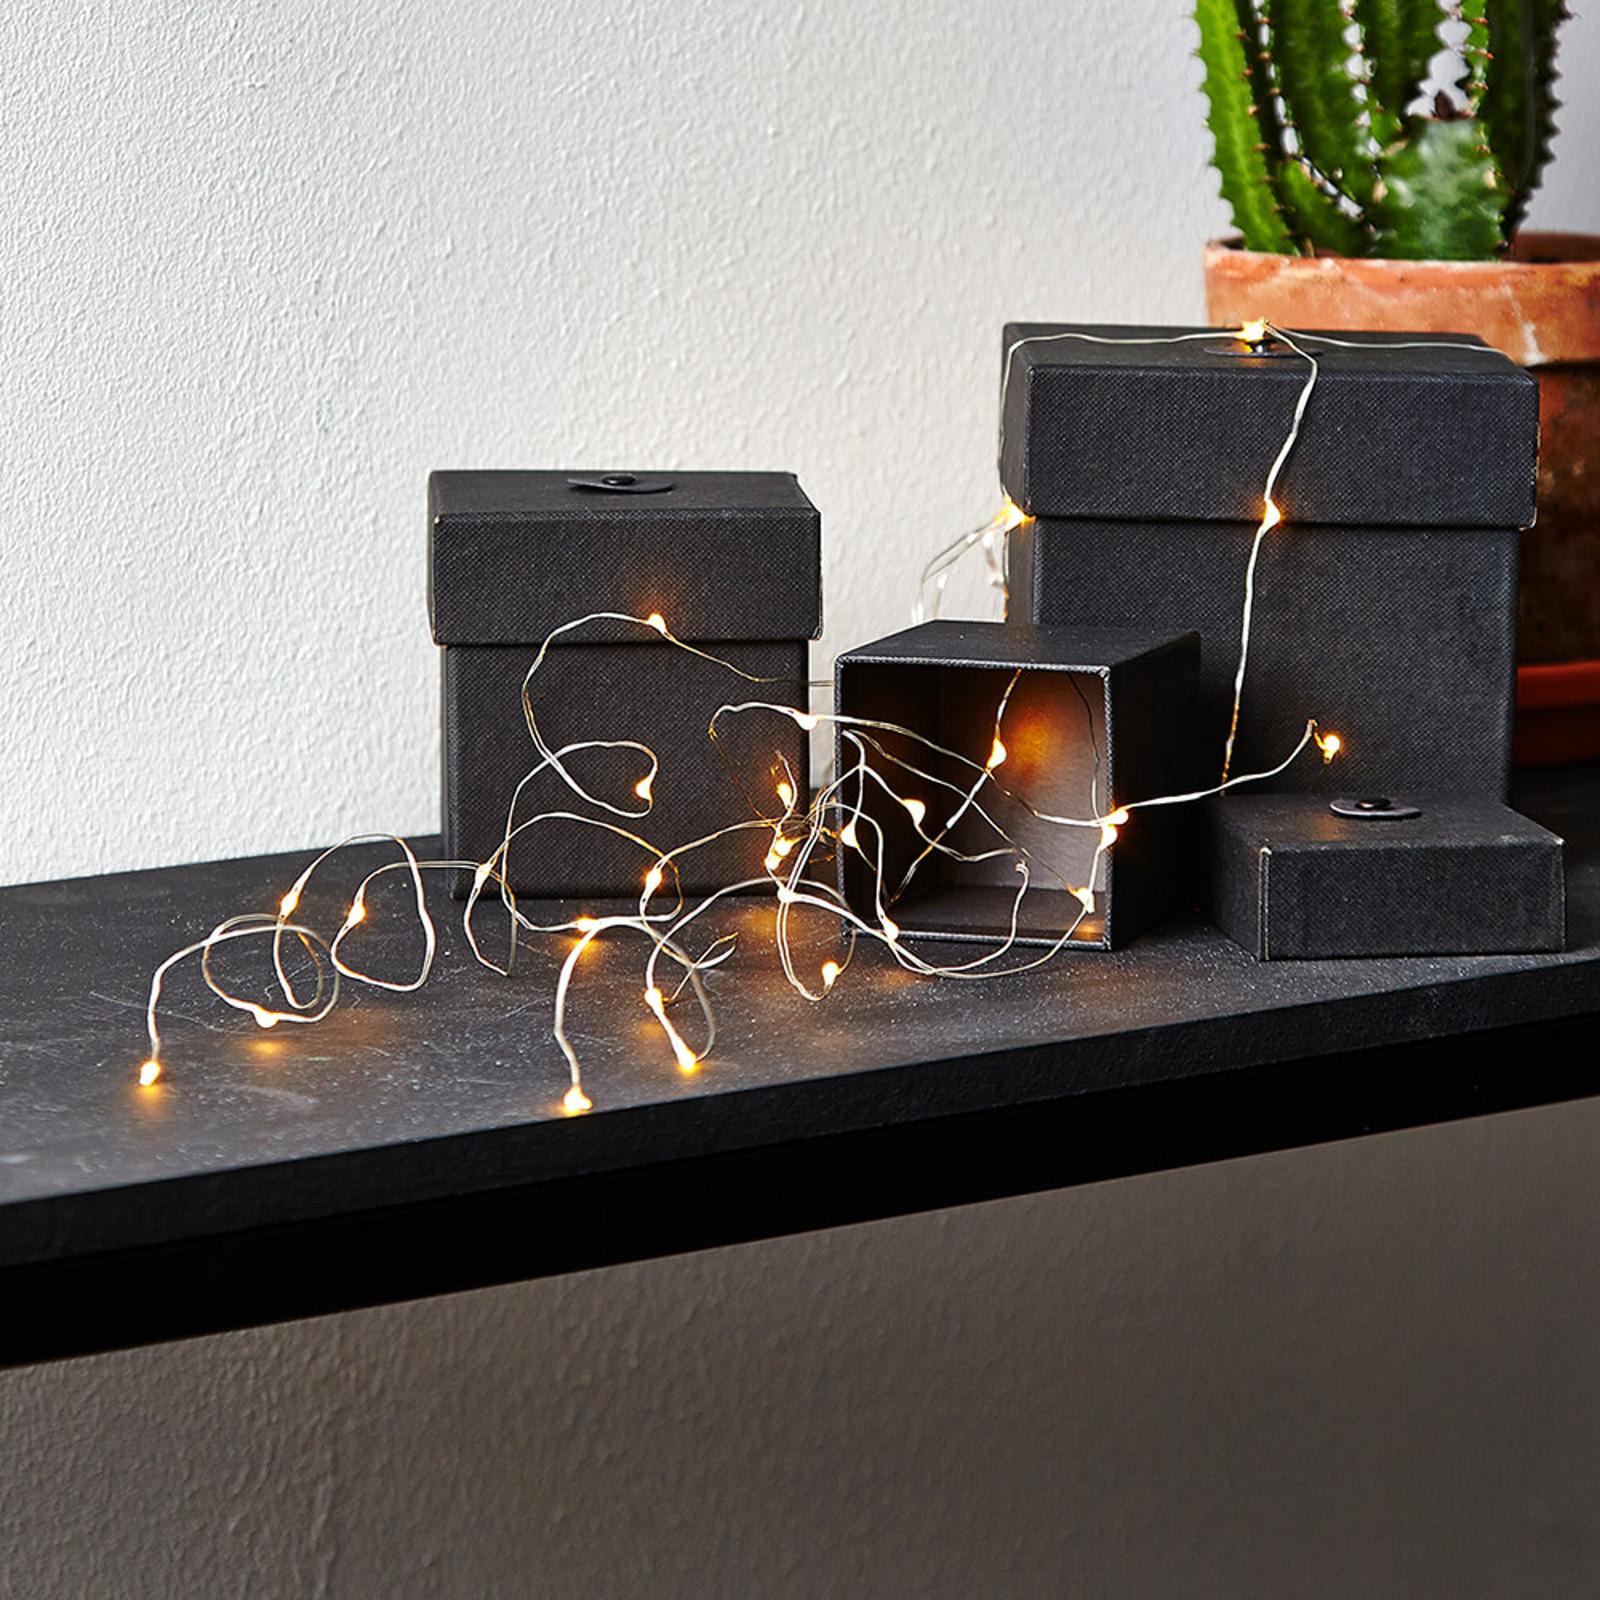 Fünf Stränge - LED-Lichterbouquet Dew Drop